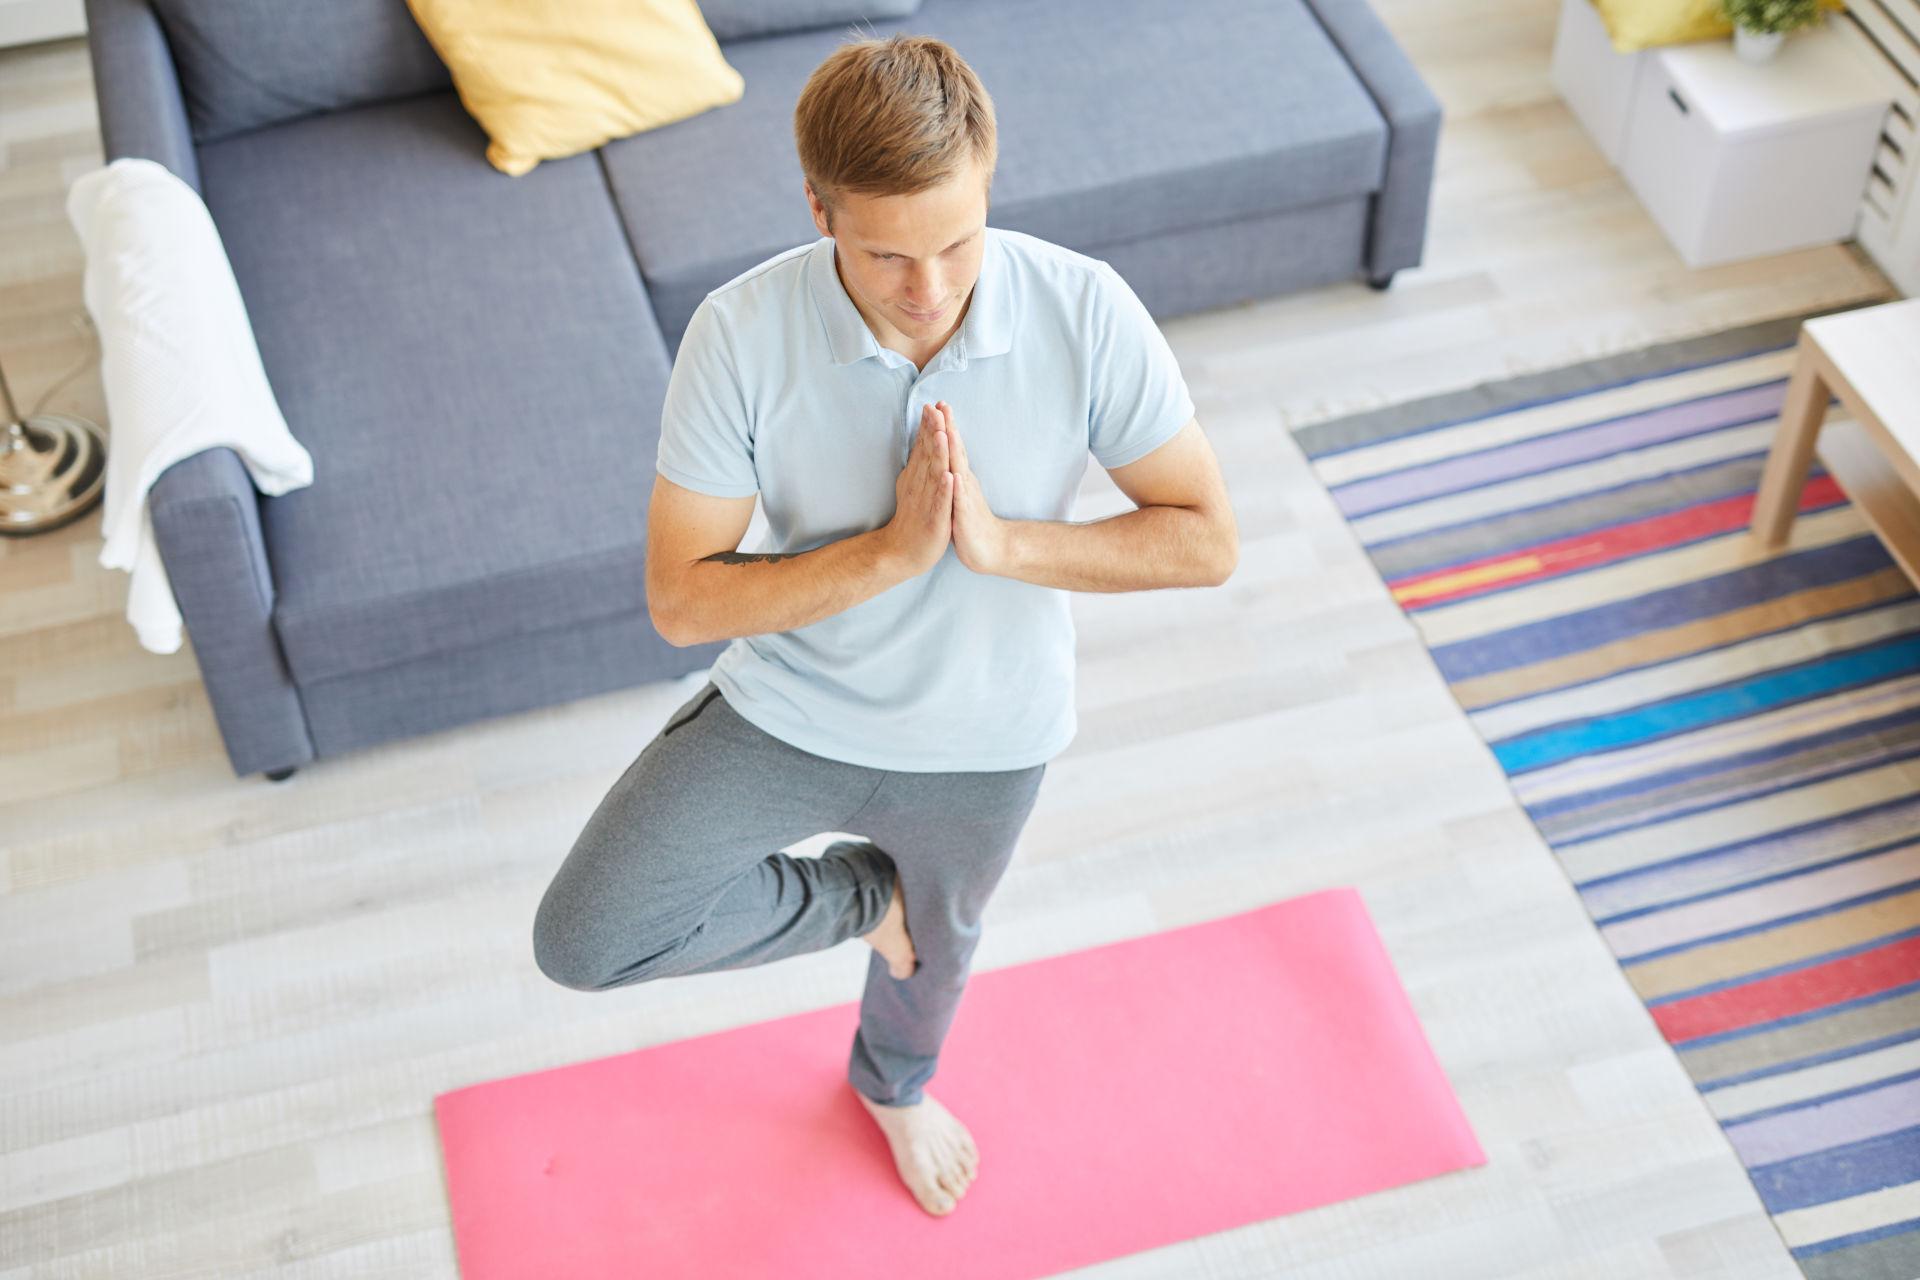 jóga terápia, alternatív mozgásterápiák, aktív mozgásterápia